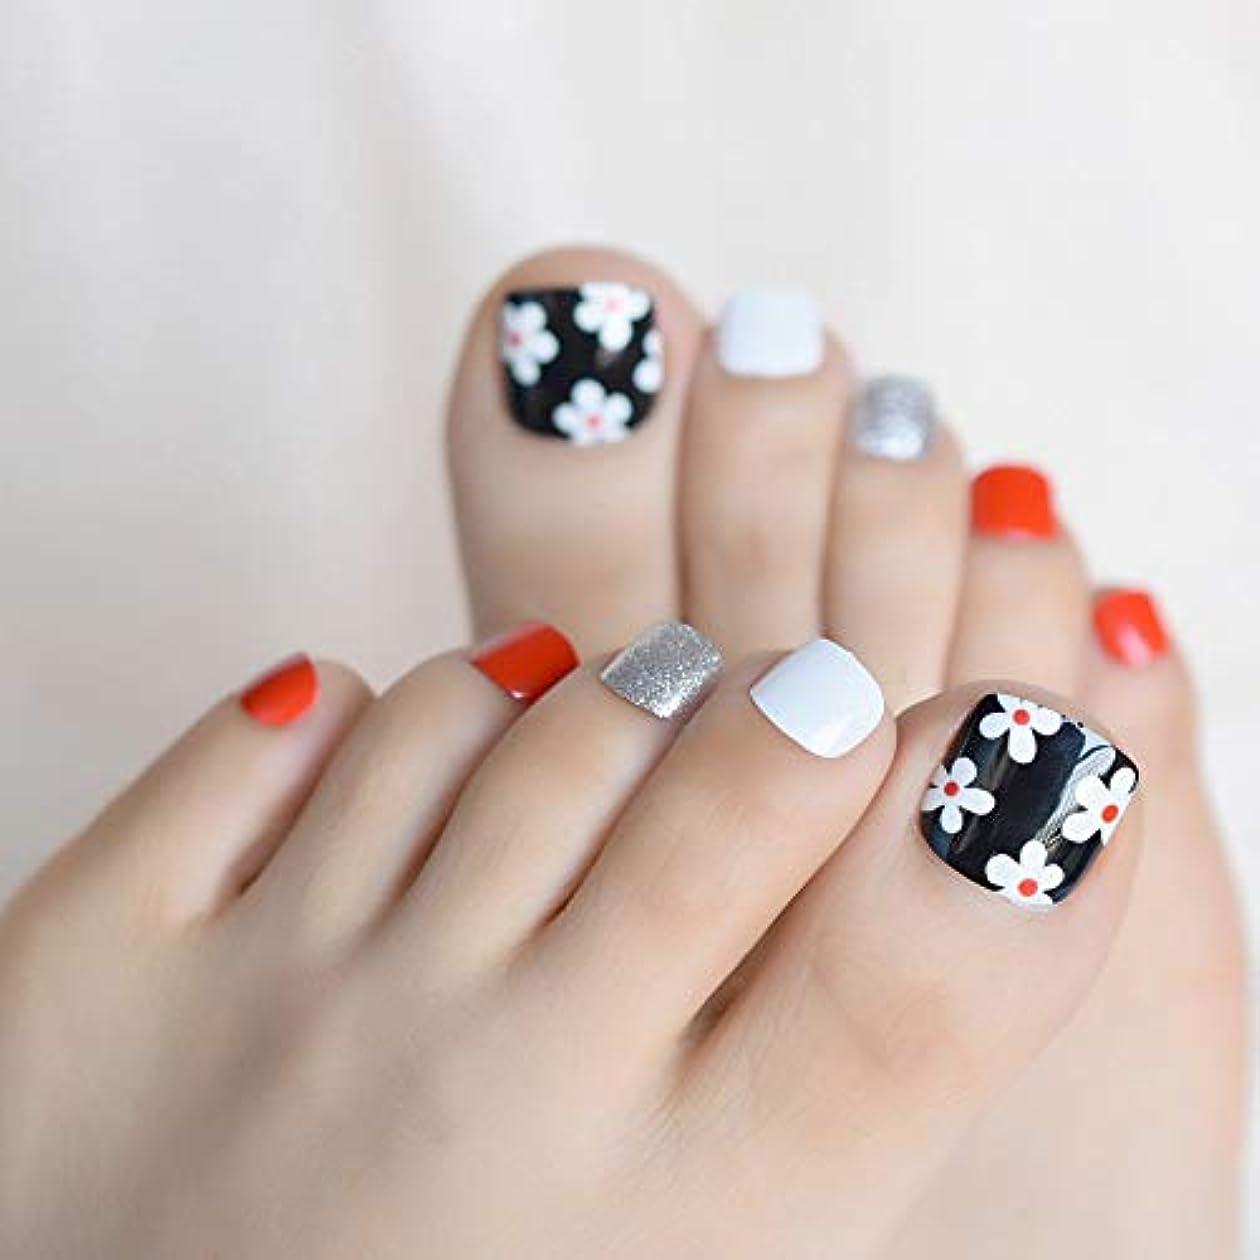 セッションルーキー土曜日XUTXZKA 白い花偽偽足の爪のステッカーシルバーグリッターホワイトブラックレッドトゥネイルのヒントを着用